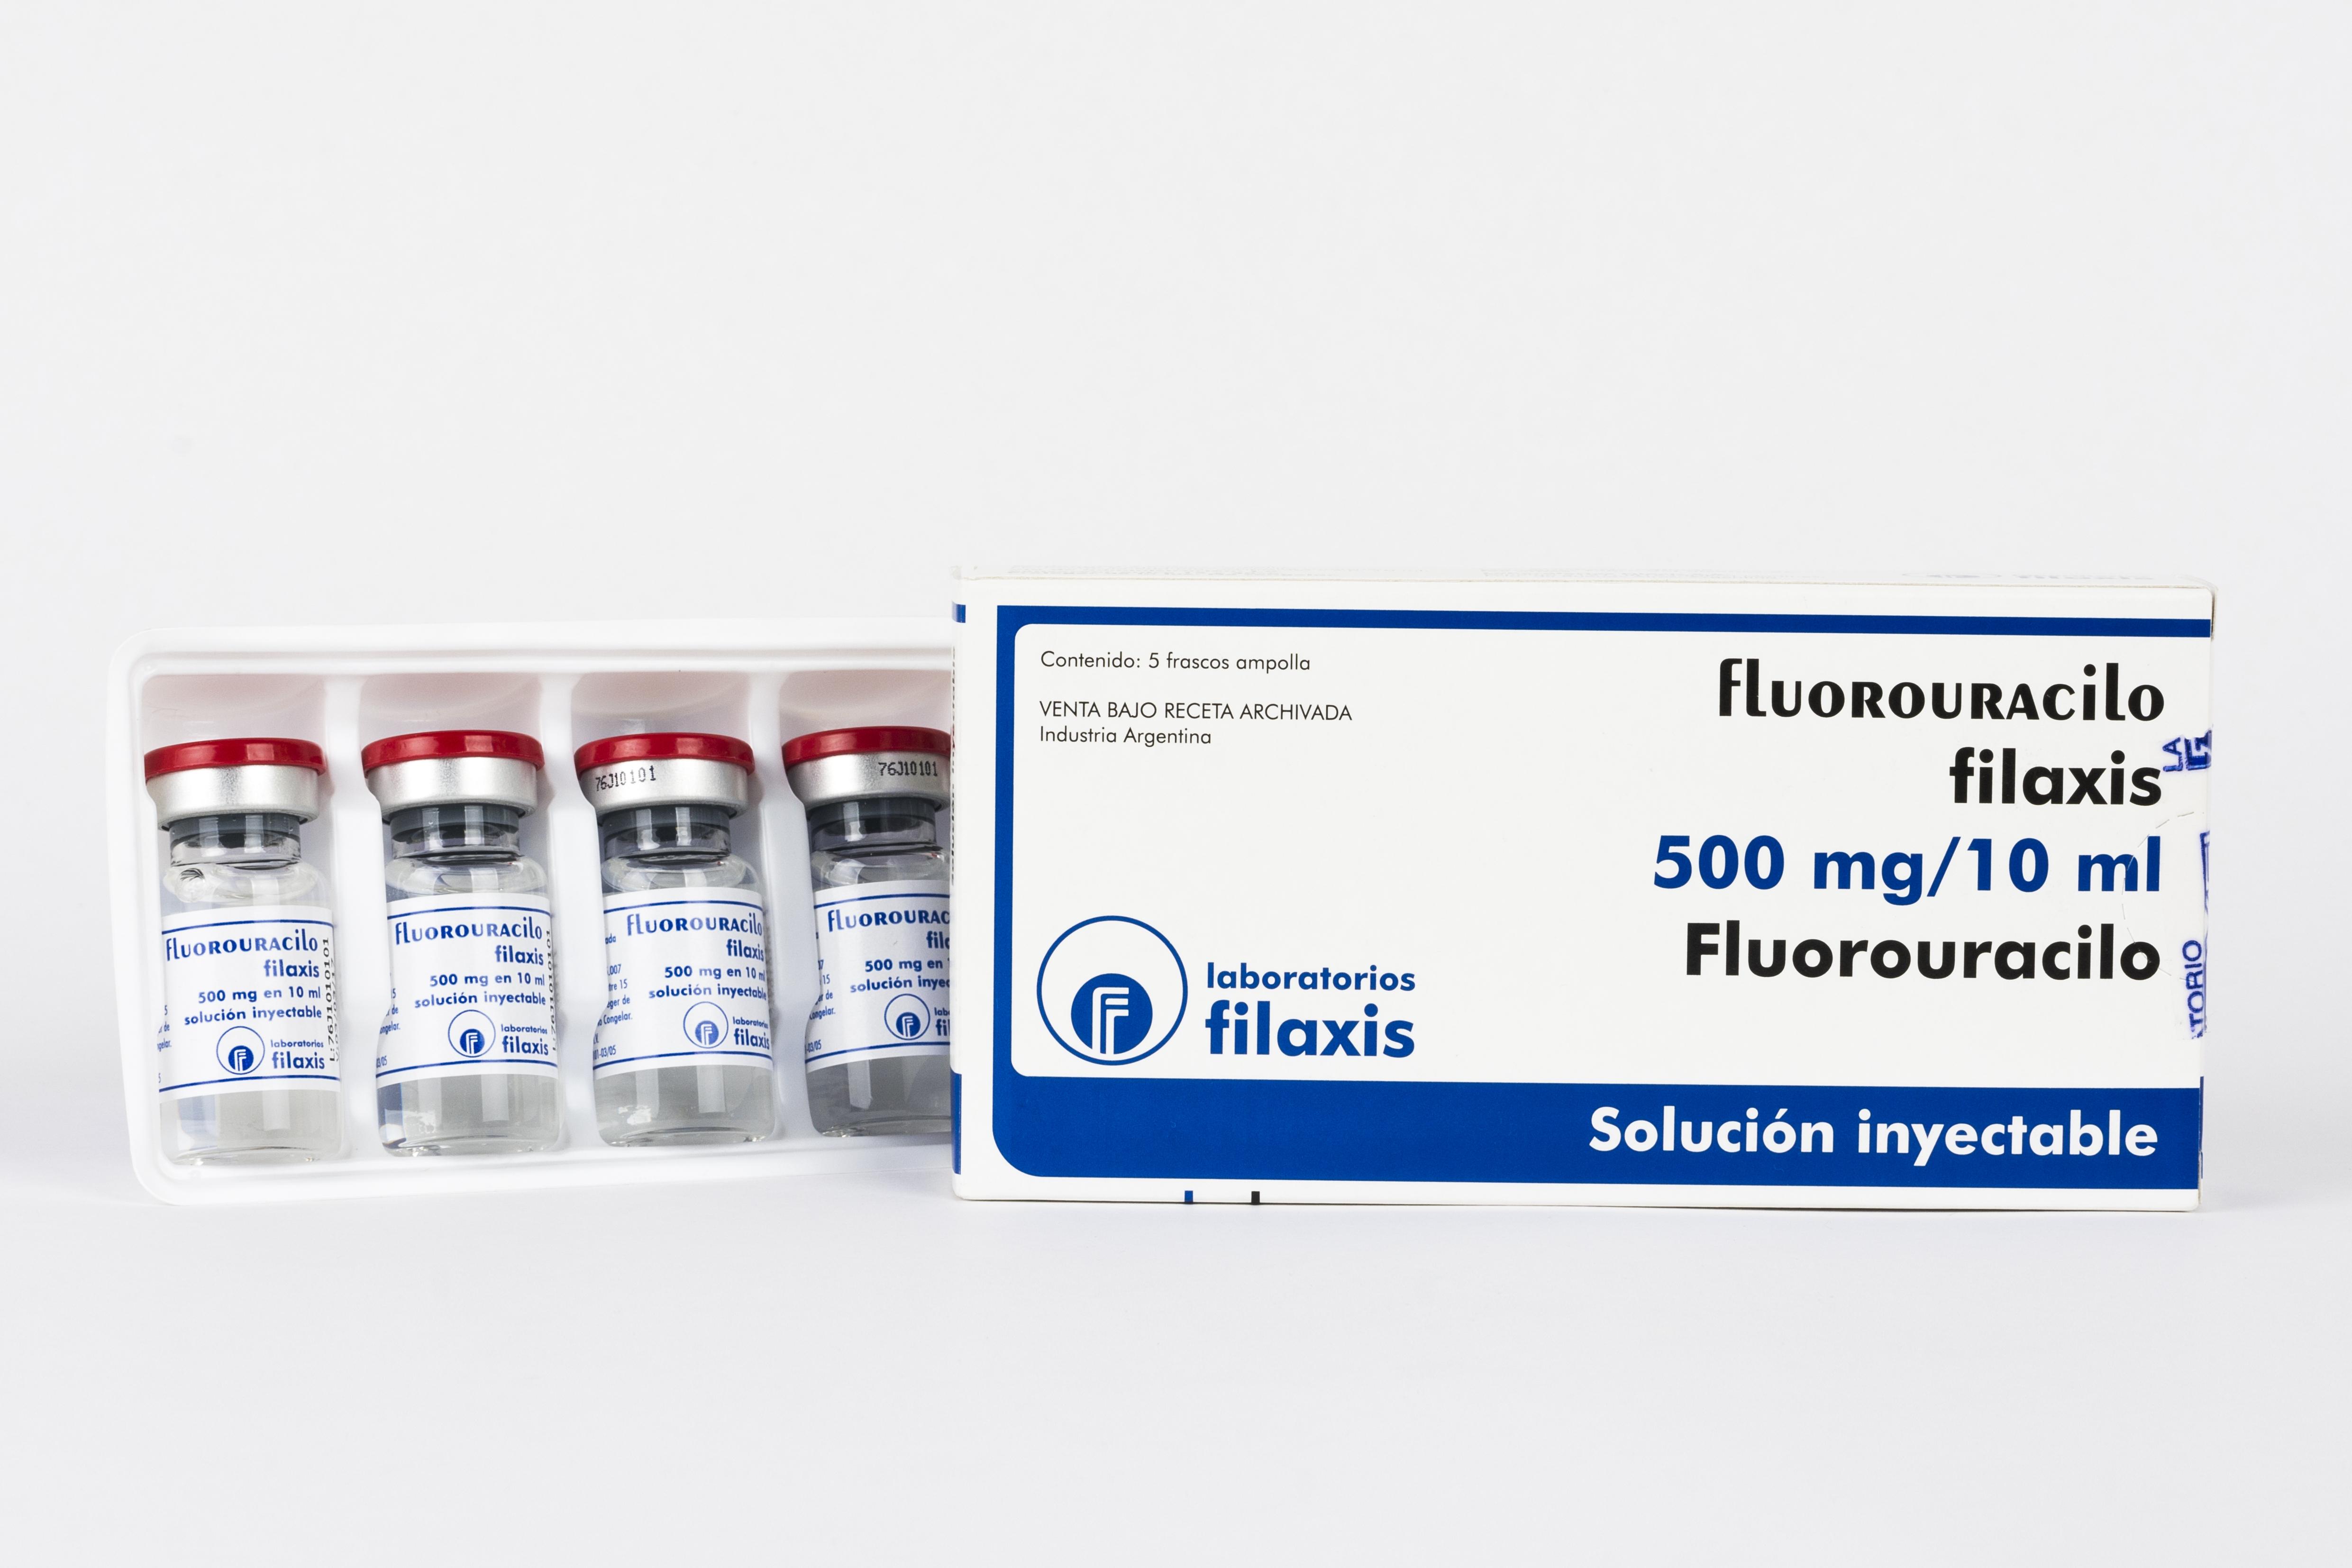 Fluorouracilo Filaxis